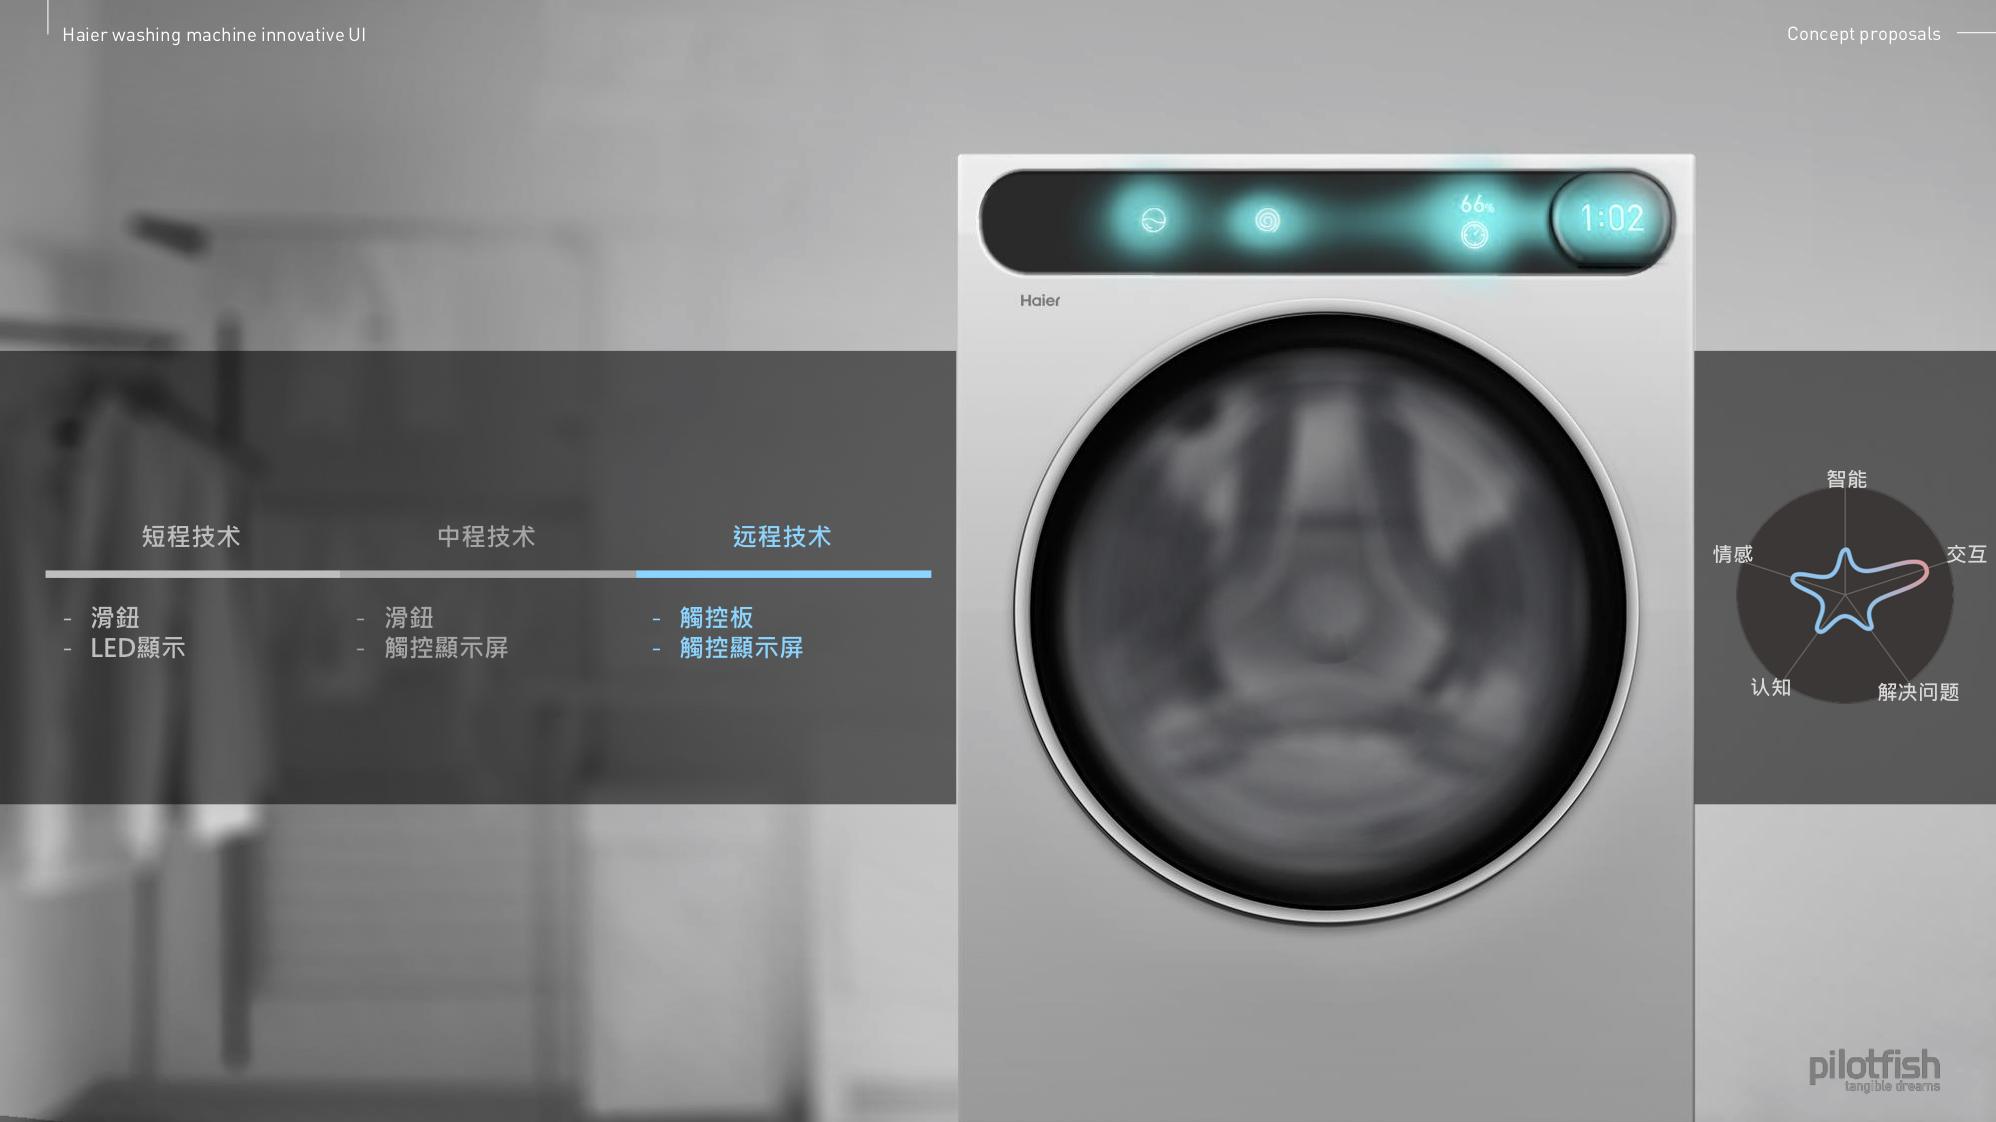 20170831_Haier washing machine_interactive prototype setup_IH_7.jpg